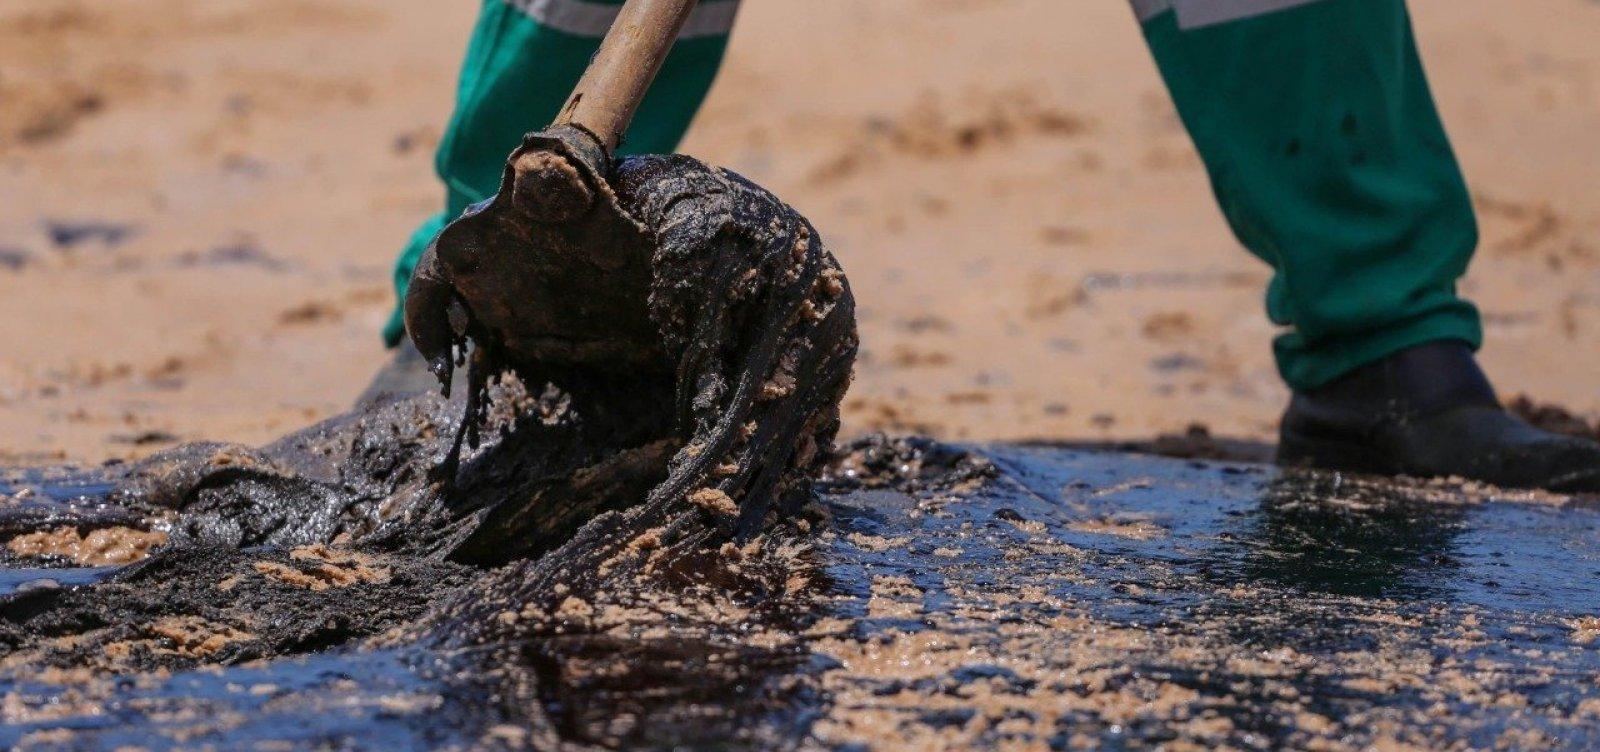 [Multa por vazamento de óleo no Nordeste pode chegar a R$ 50 mi, diz jornal]